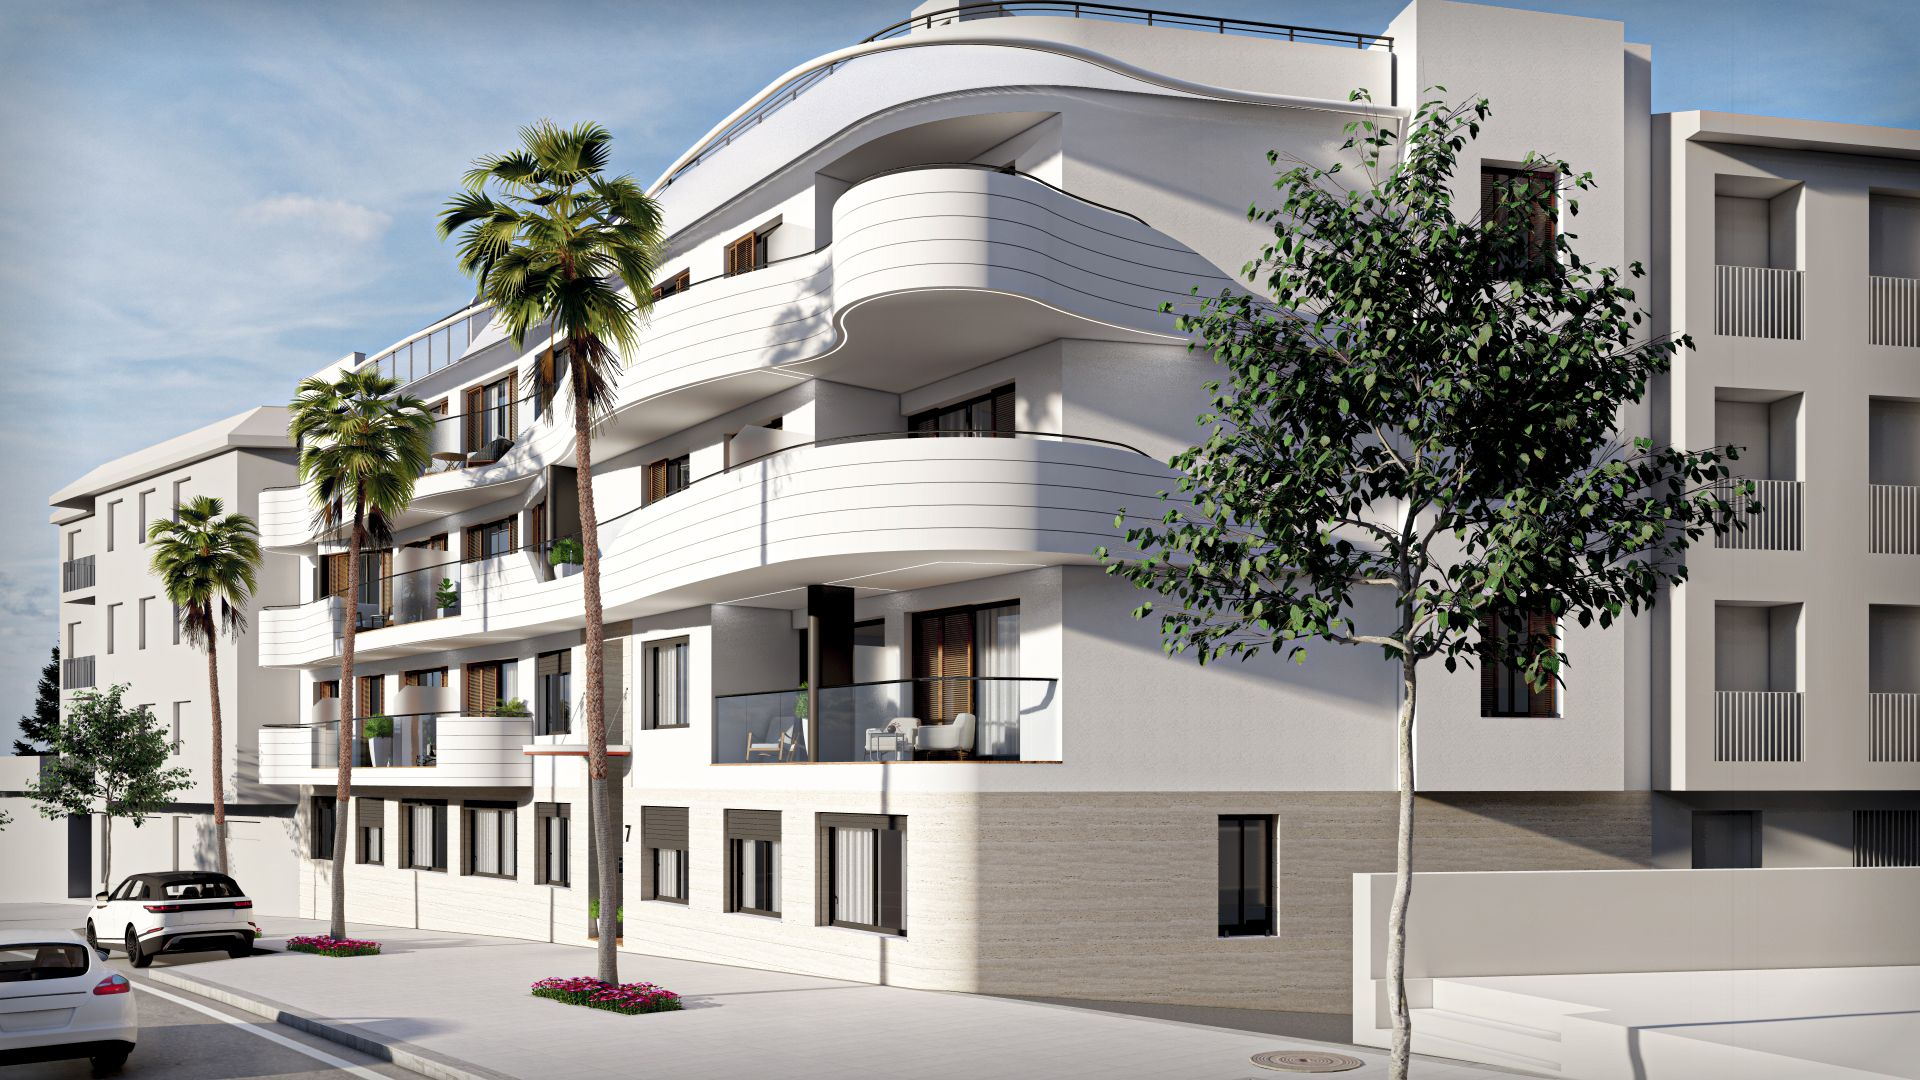 EXTERIOR 27 Foto 1 - Ventura Estepona | Compra de casa en Estepona